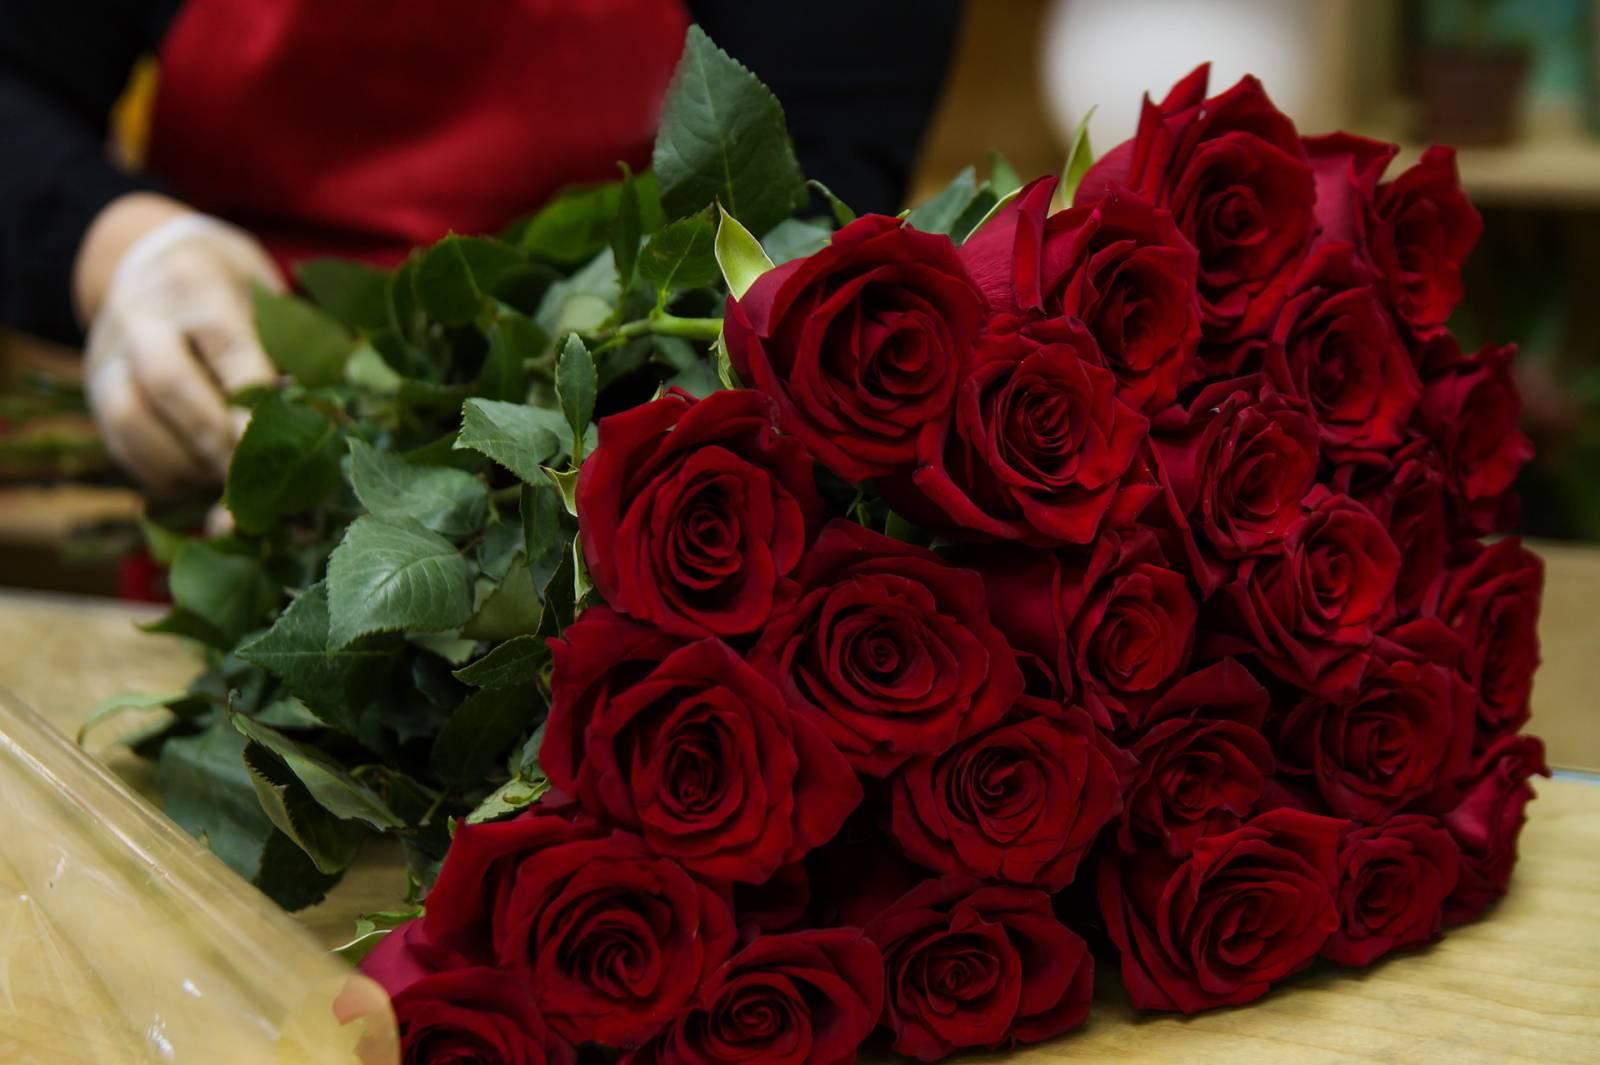 Fleuriste Pour Un Bouquet De Roses Rouges Pour La Saint